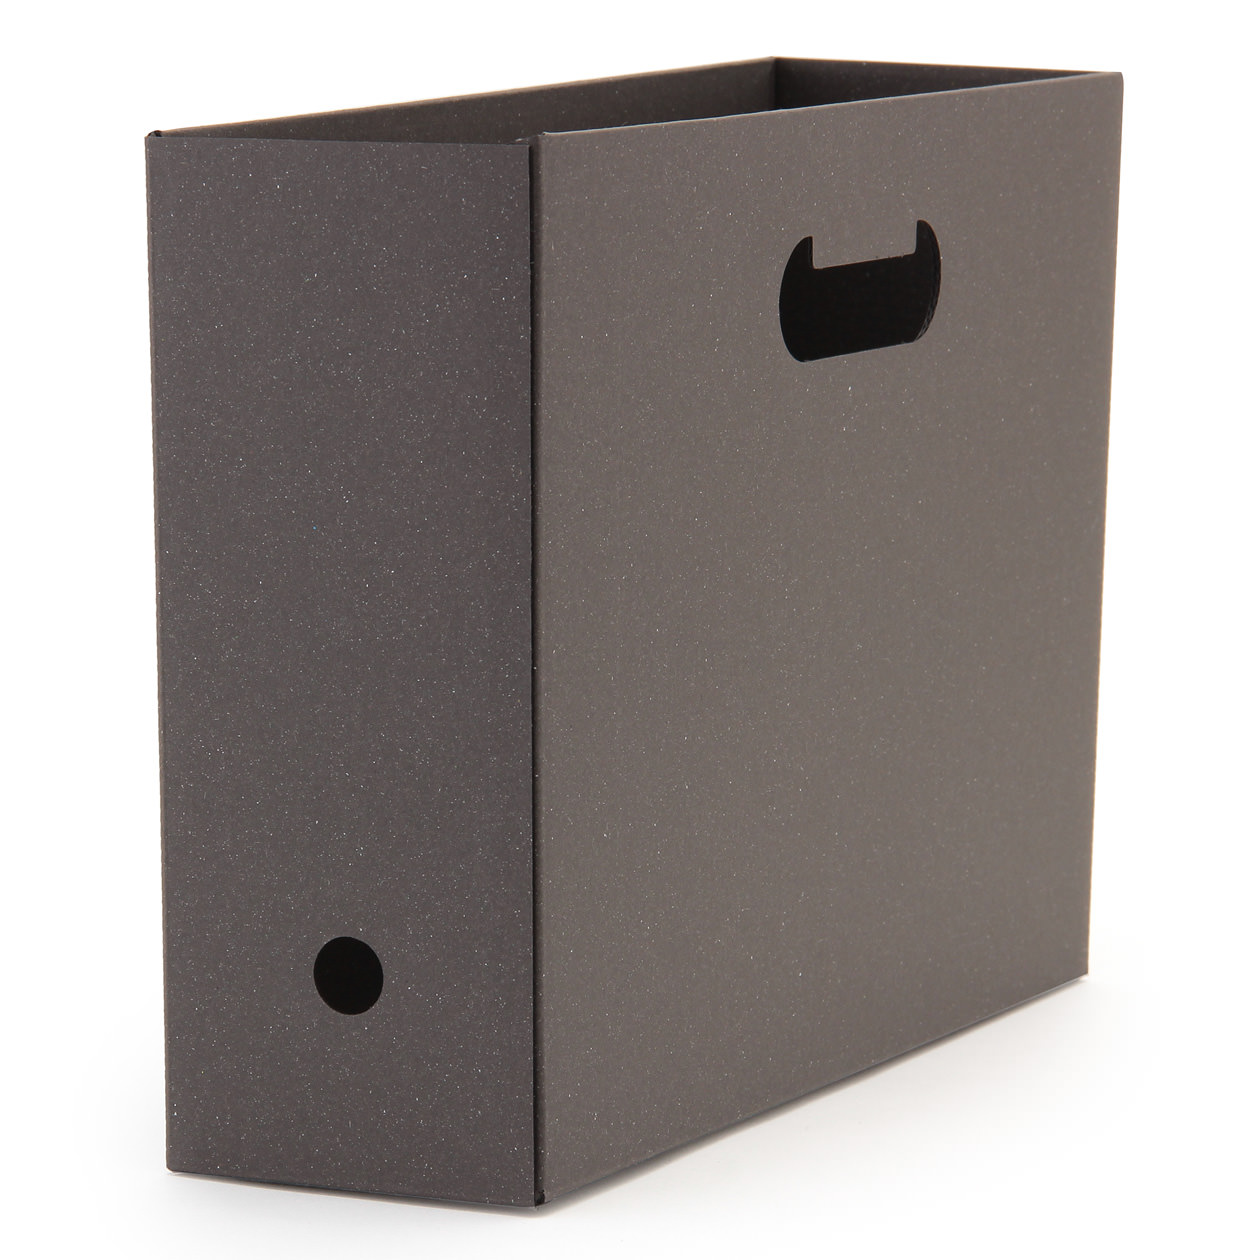 ワンタッチで組み立てられるダンボールファイルボックス5枚組